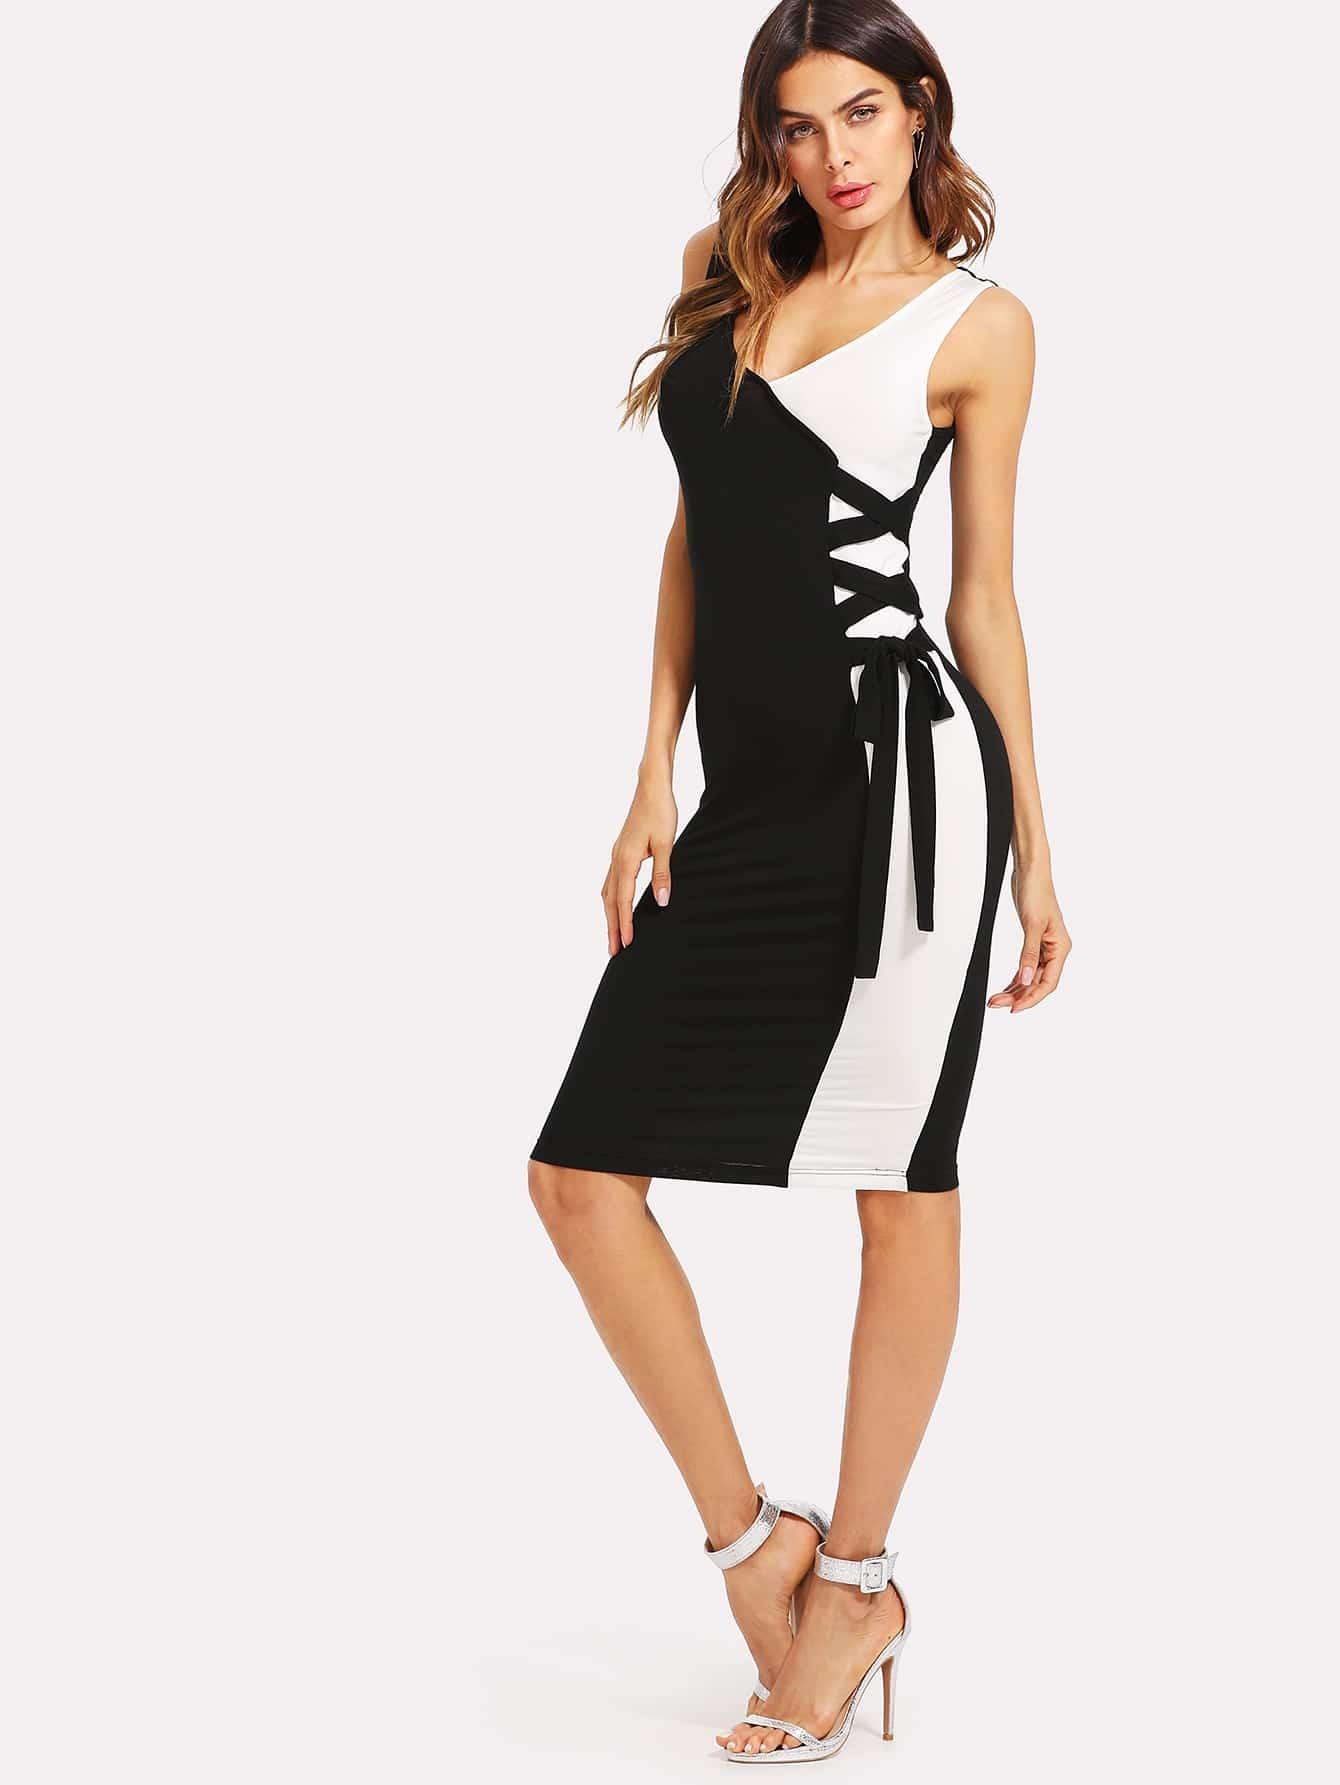 Knot Side Color Block V Back Dress Shein Sheinside